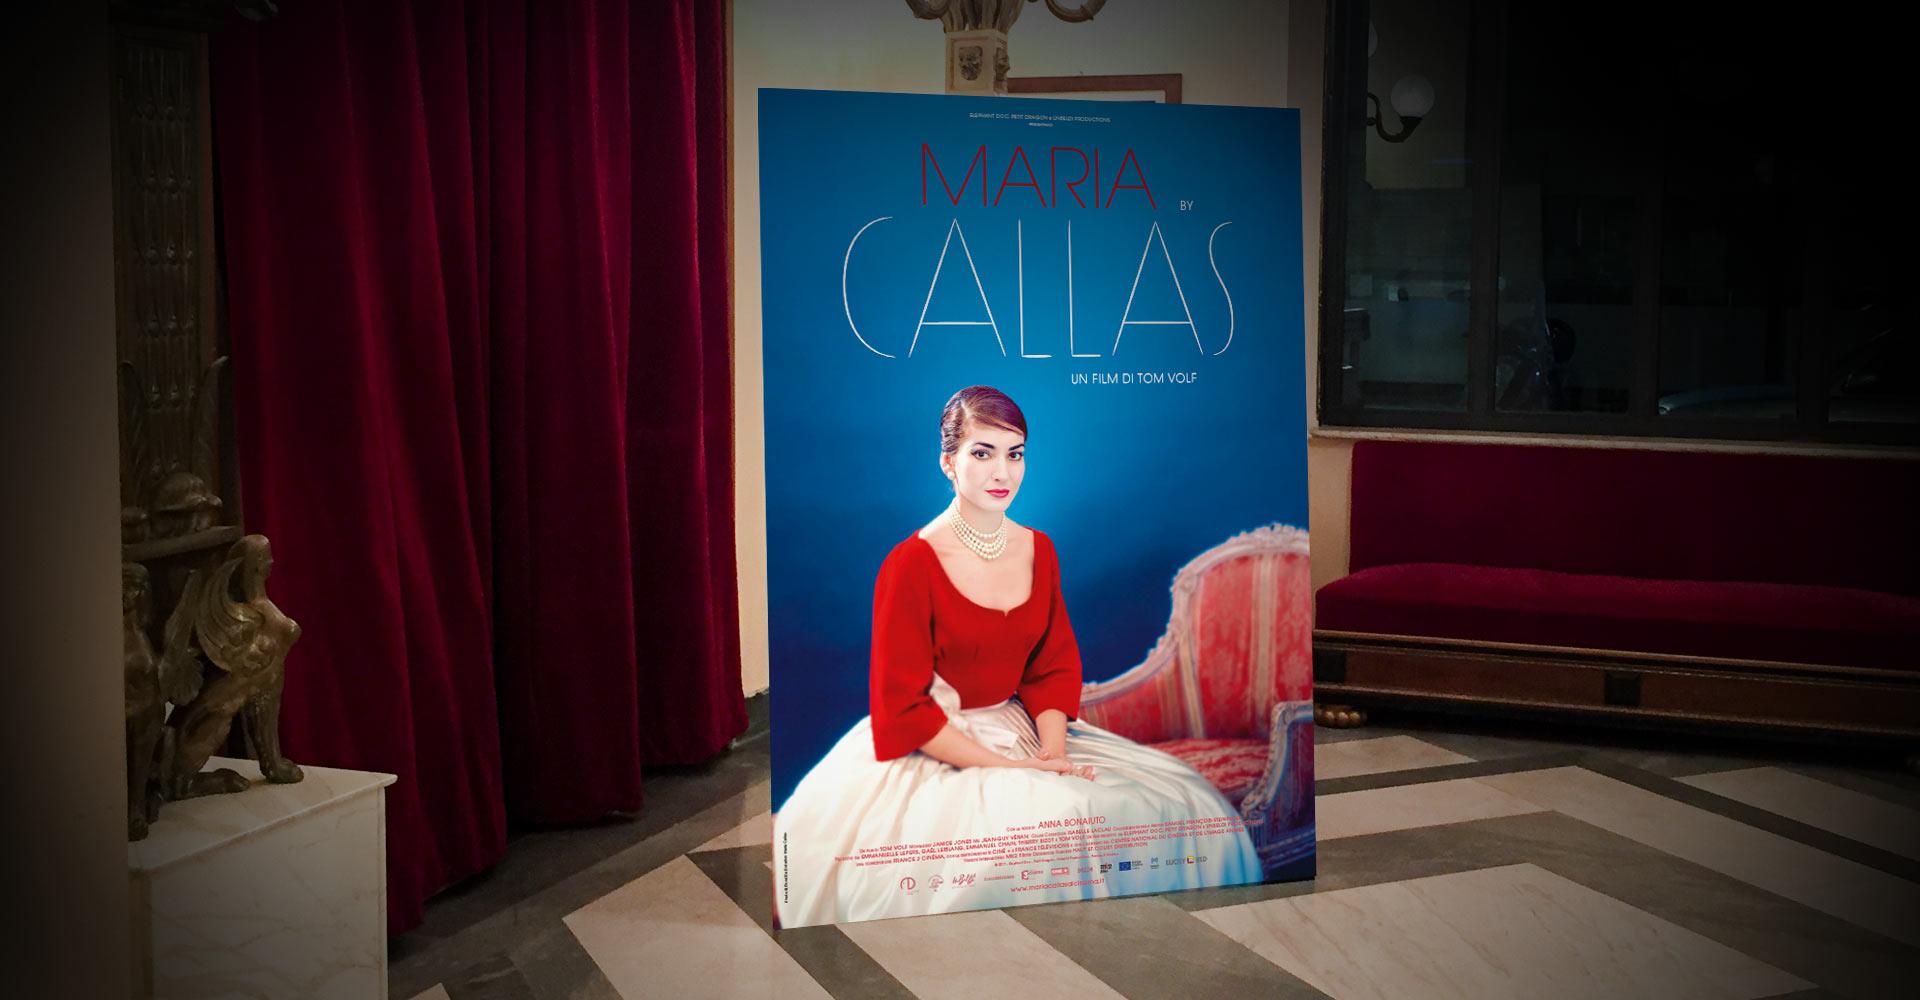 Callas_Behance_03